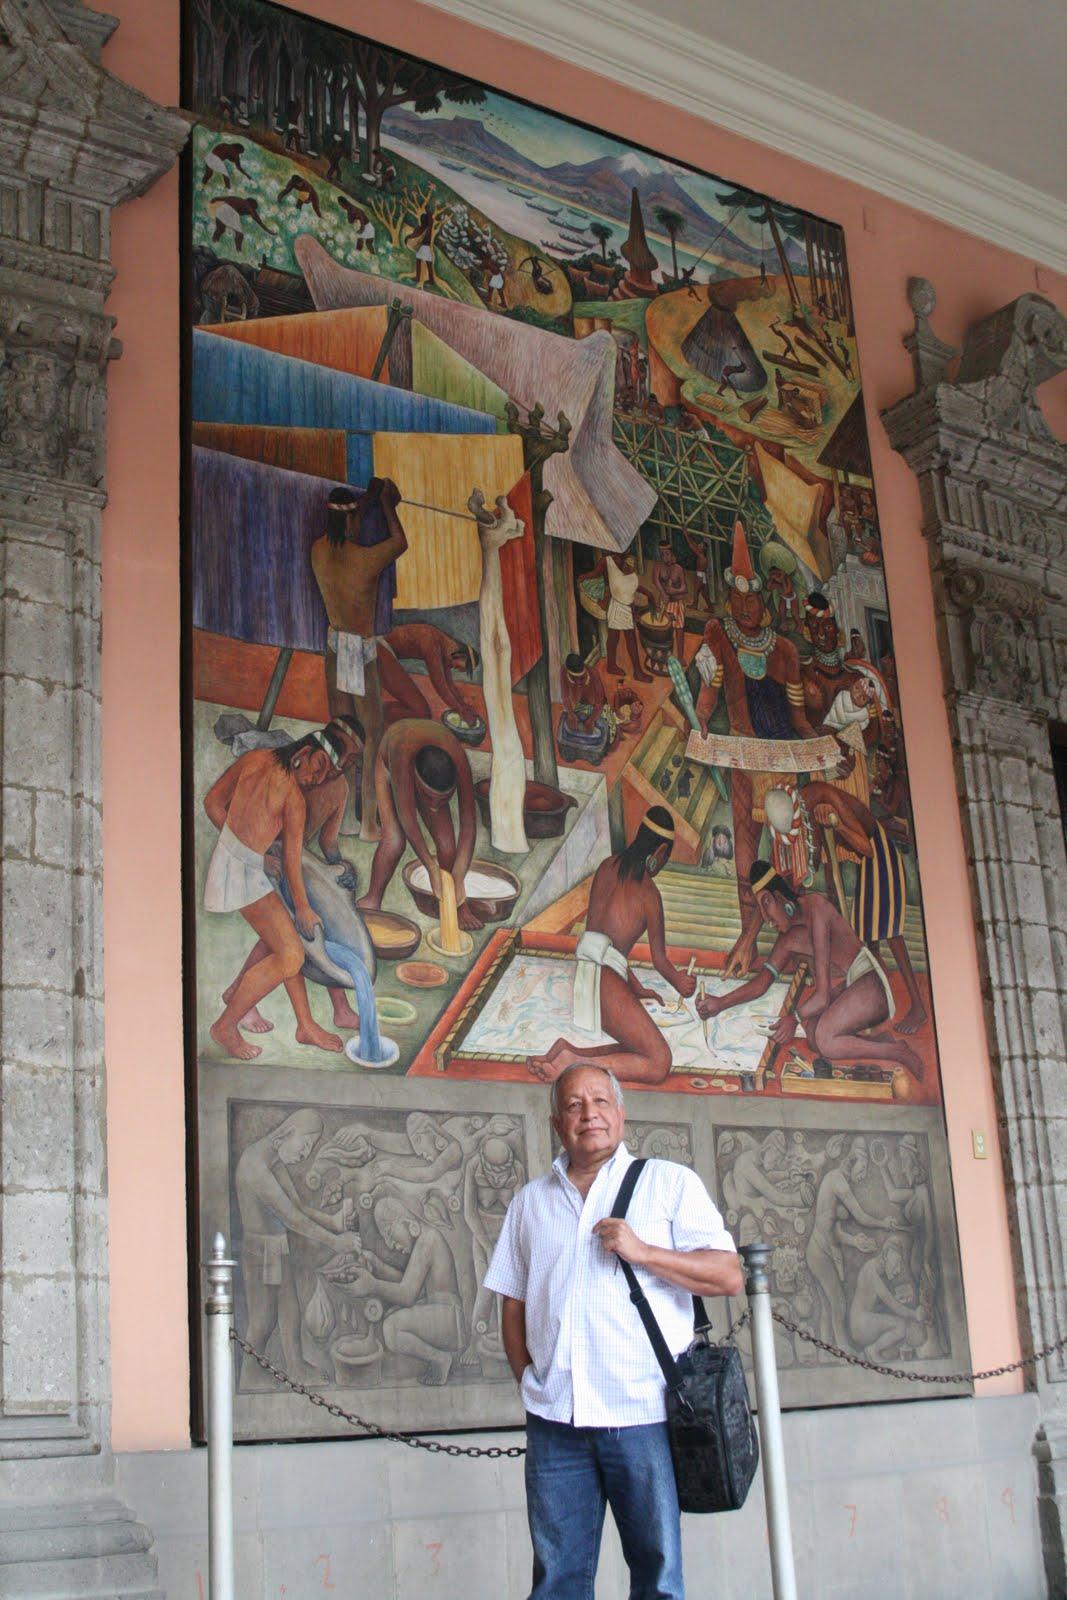 Pedro León Carrillo